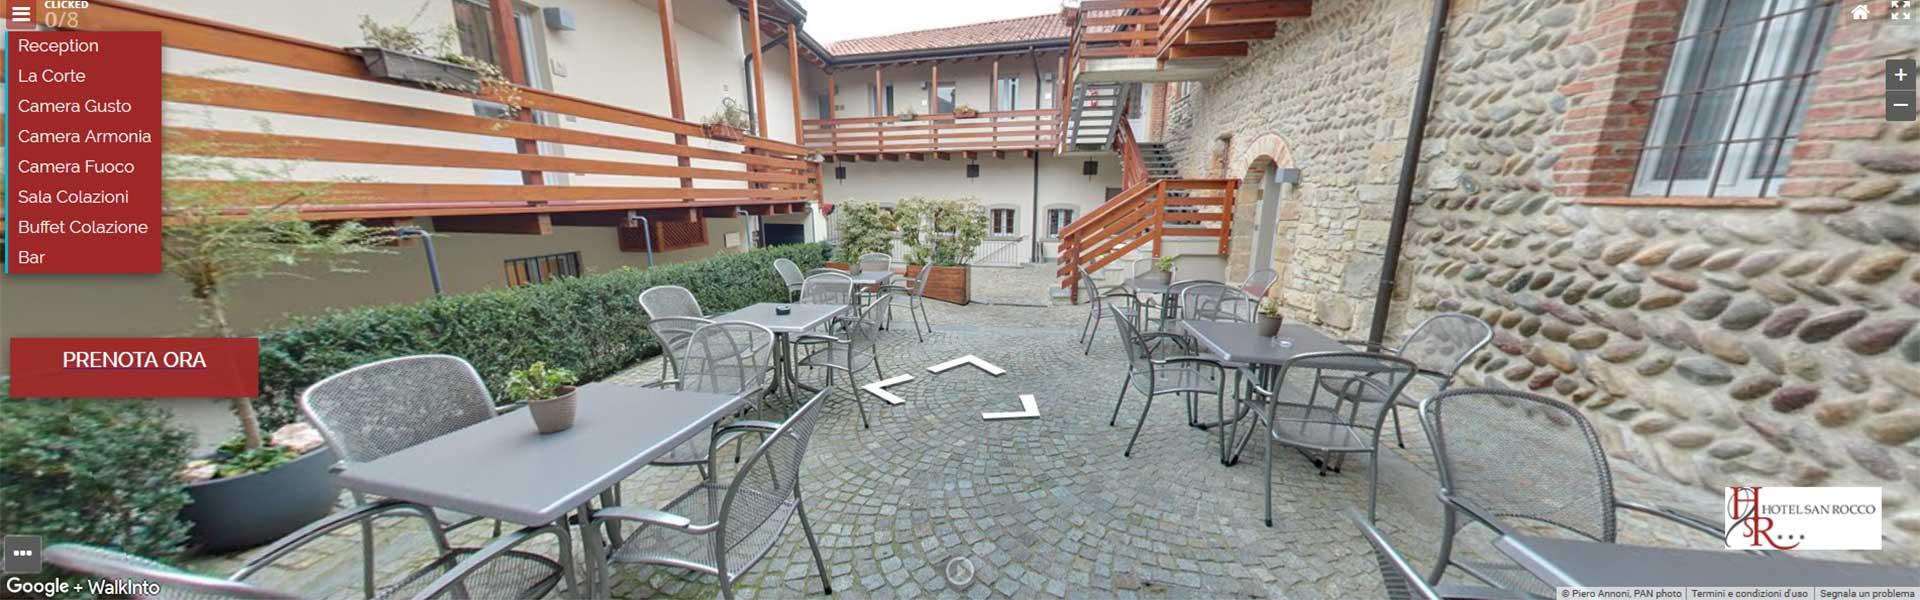 tour-virtuale Hotel vicino Aeroporto Bergamo Fiera